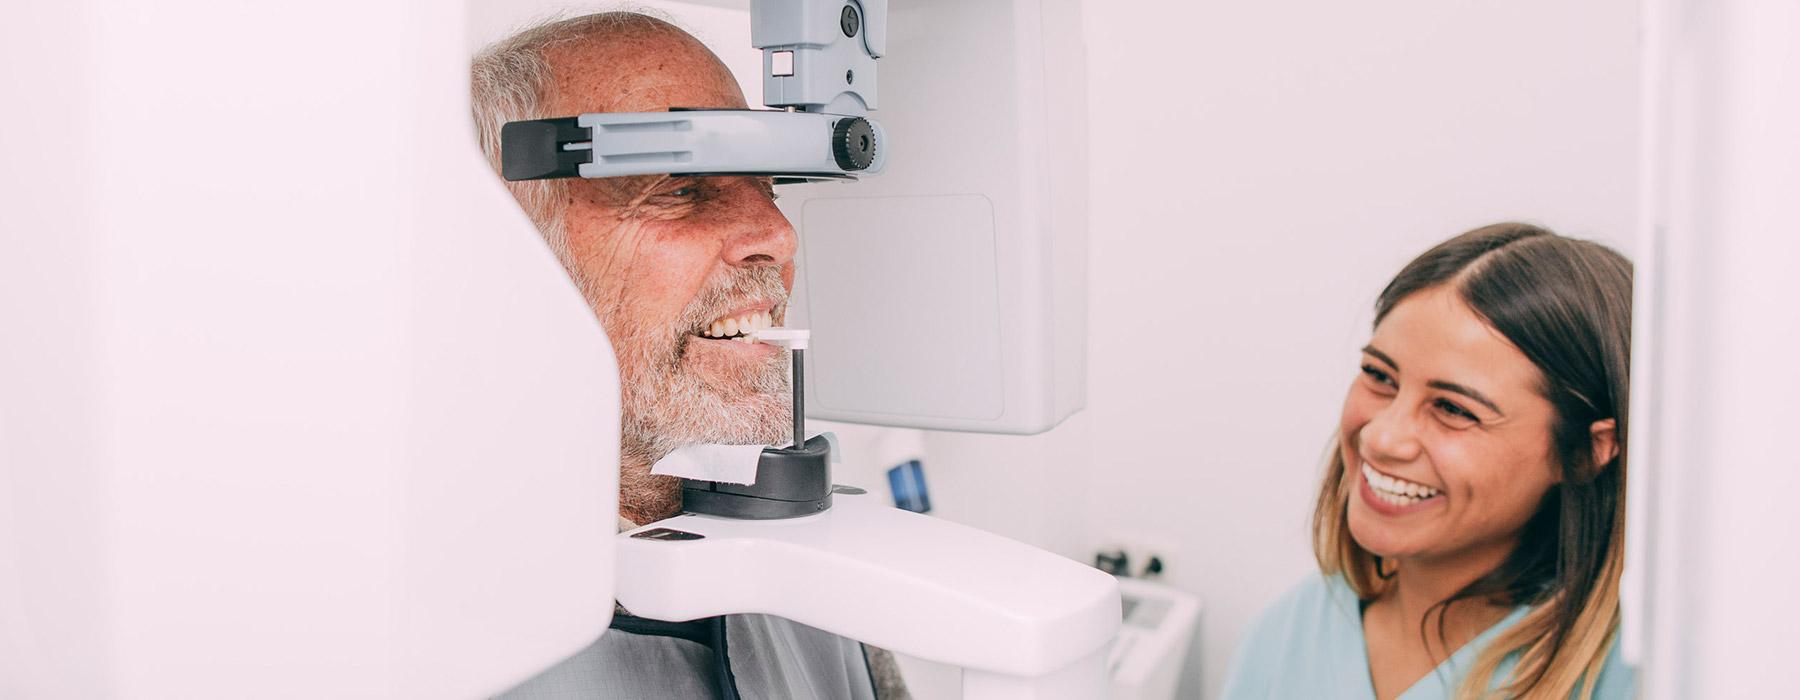 Digitales Röntgen mit dem DVT bei einem Mann in Frankfurt